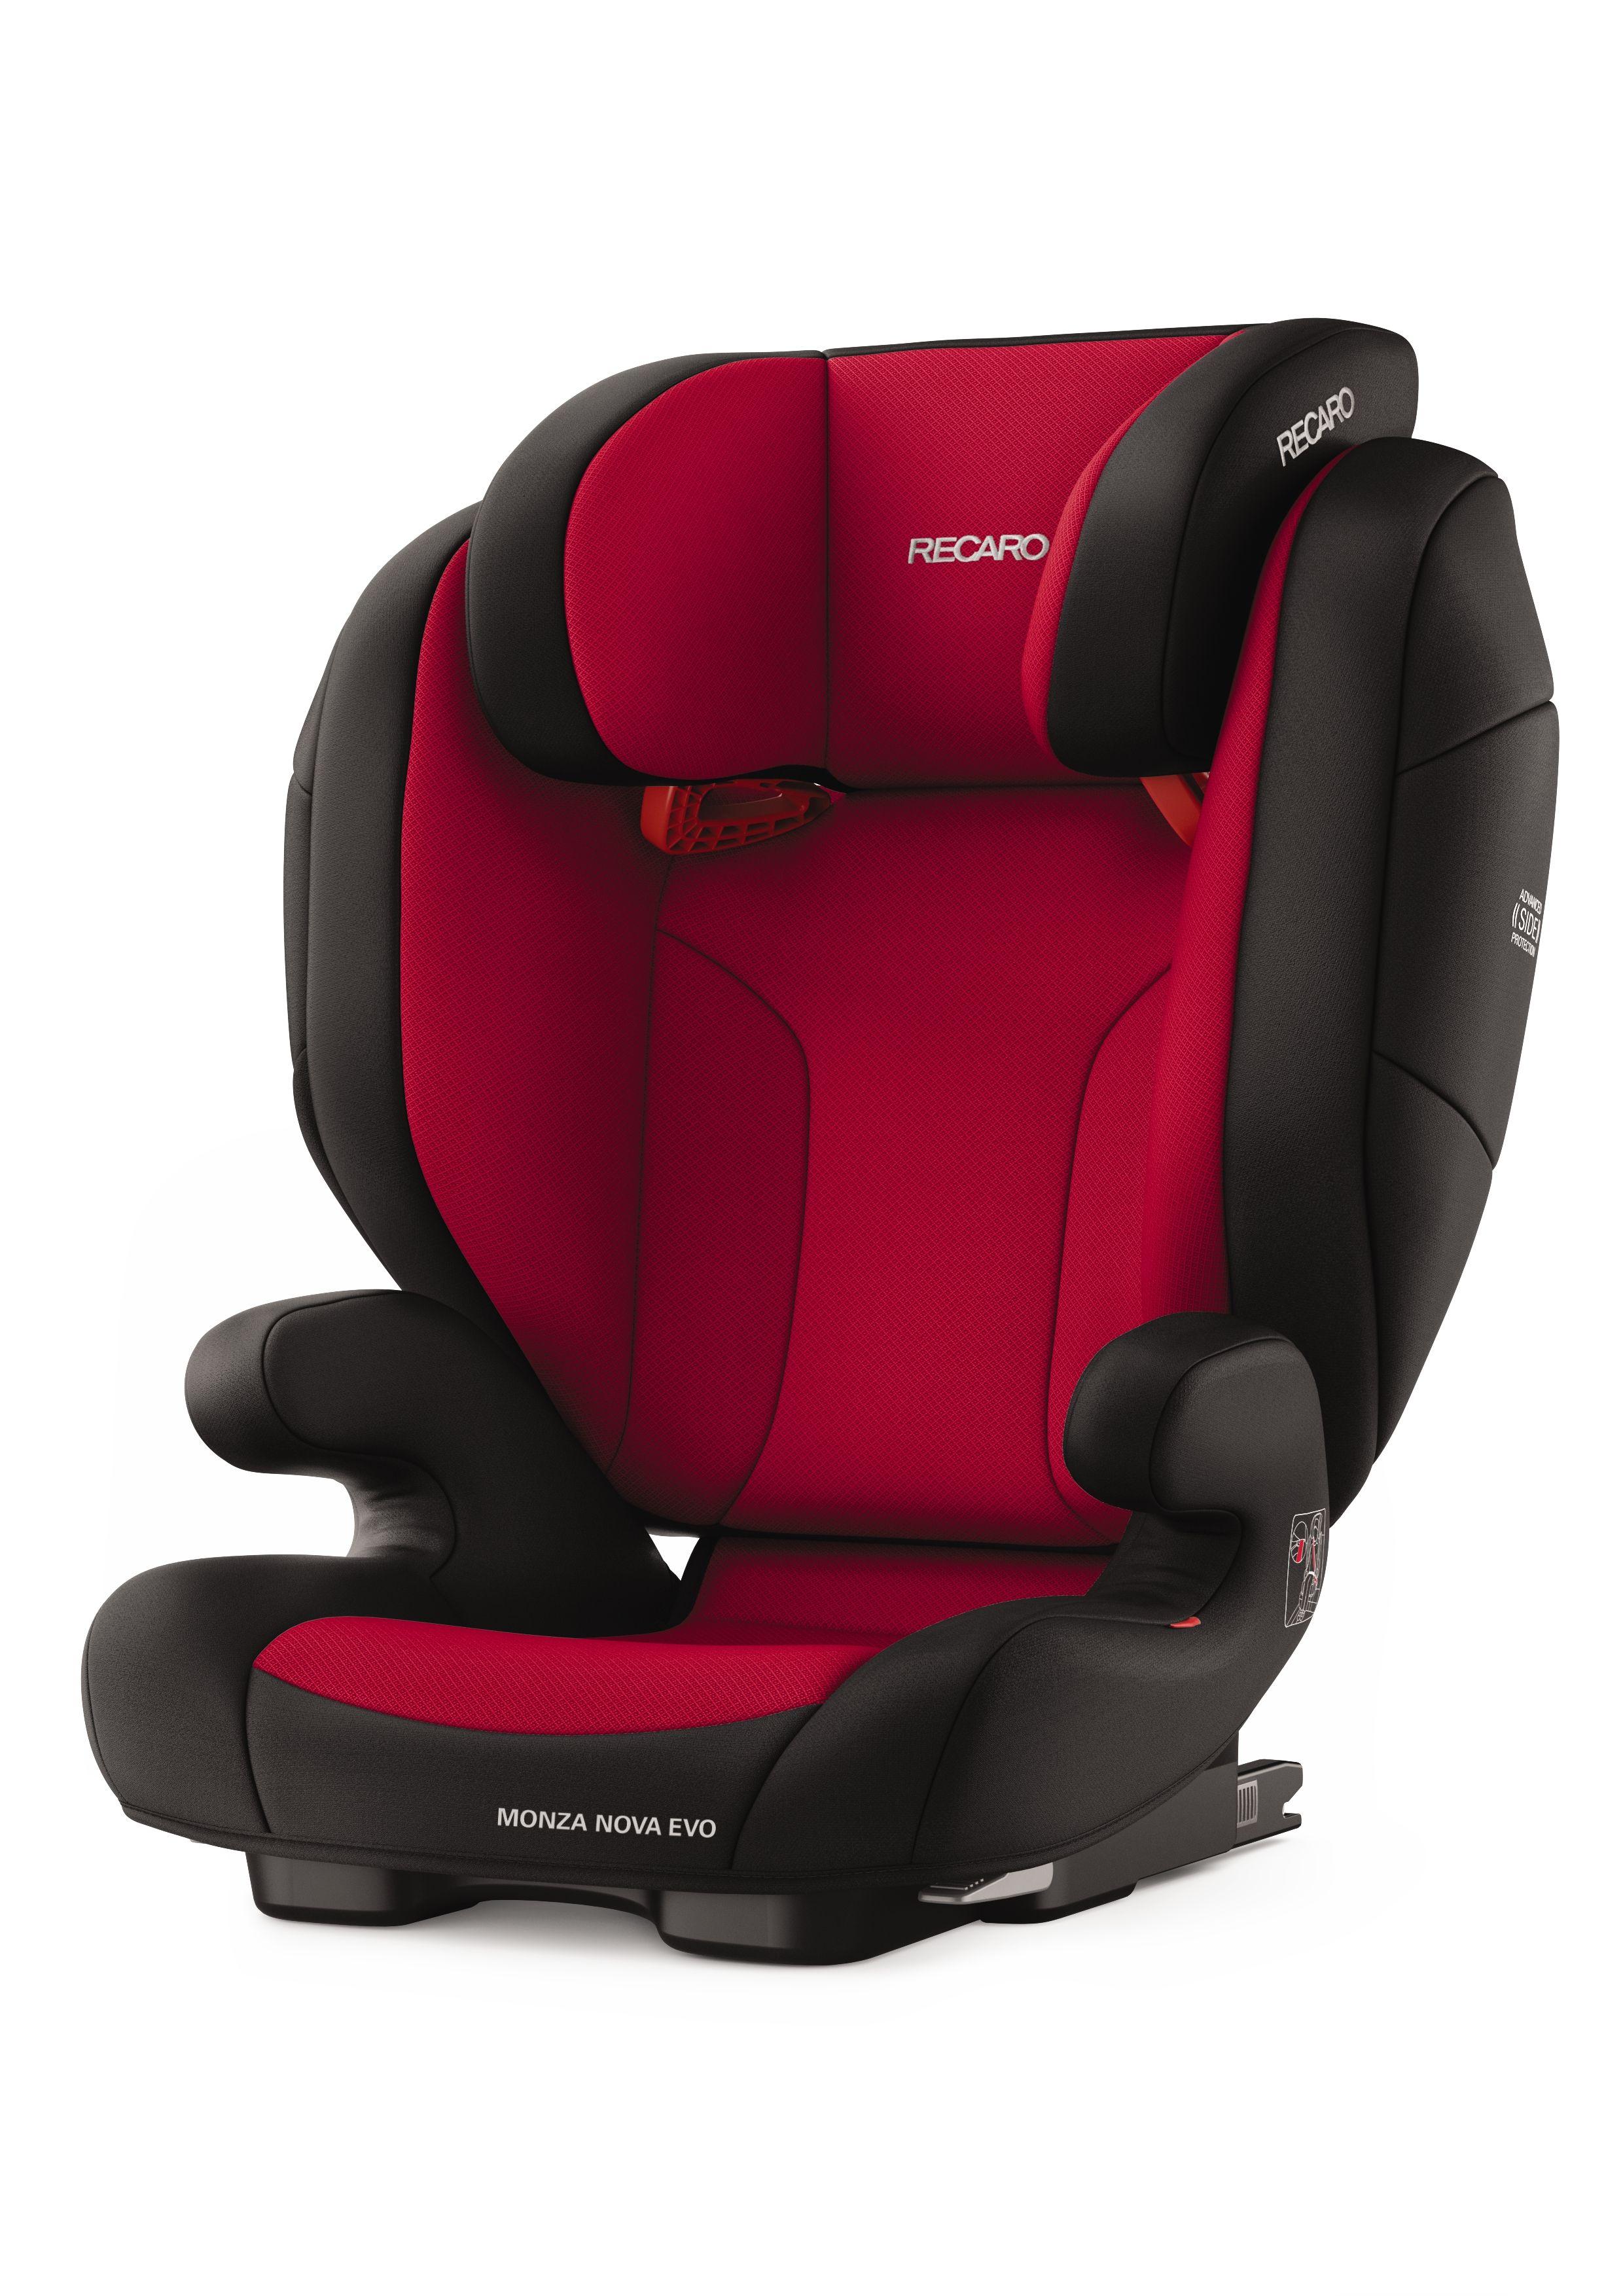 Recaro Racing Car Seat >> Recaro Child Car Seat Monza Nova Evo Seatfix